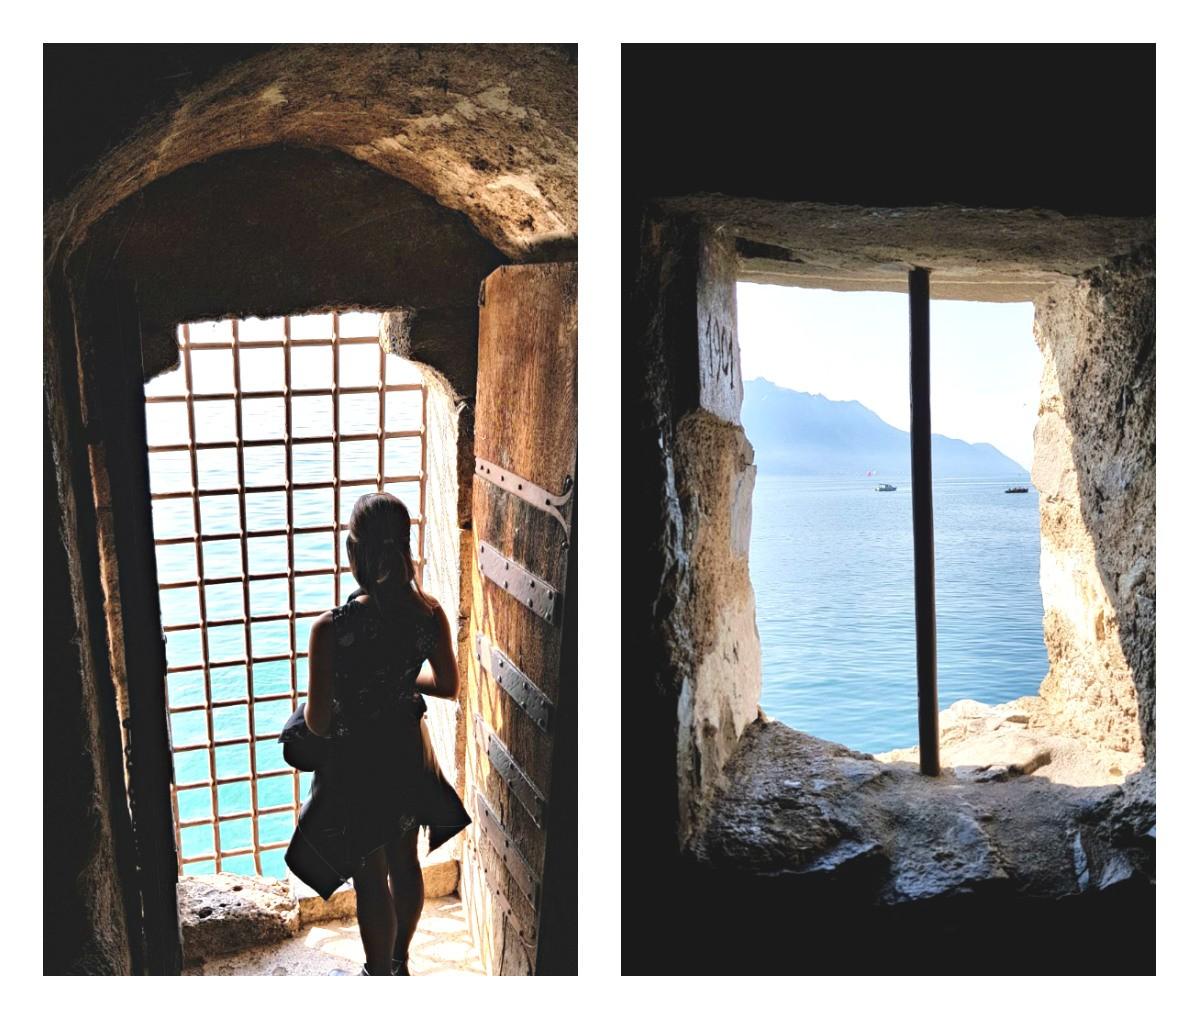 visita château de chillon montreux